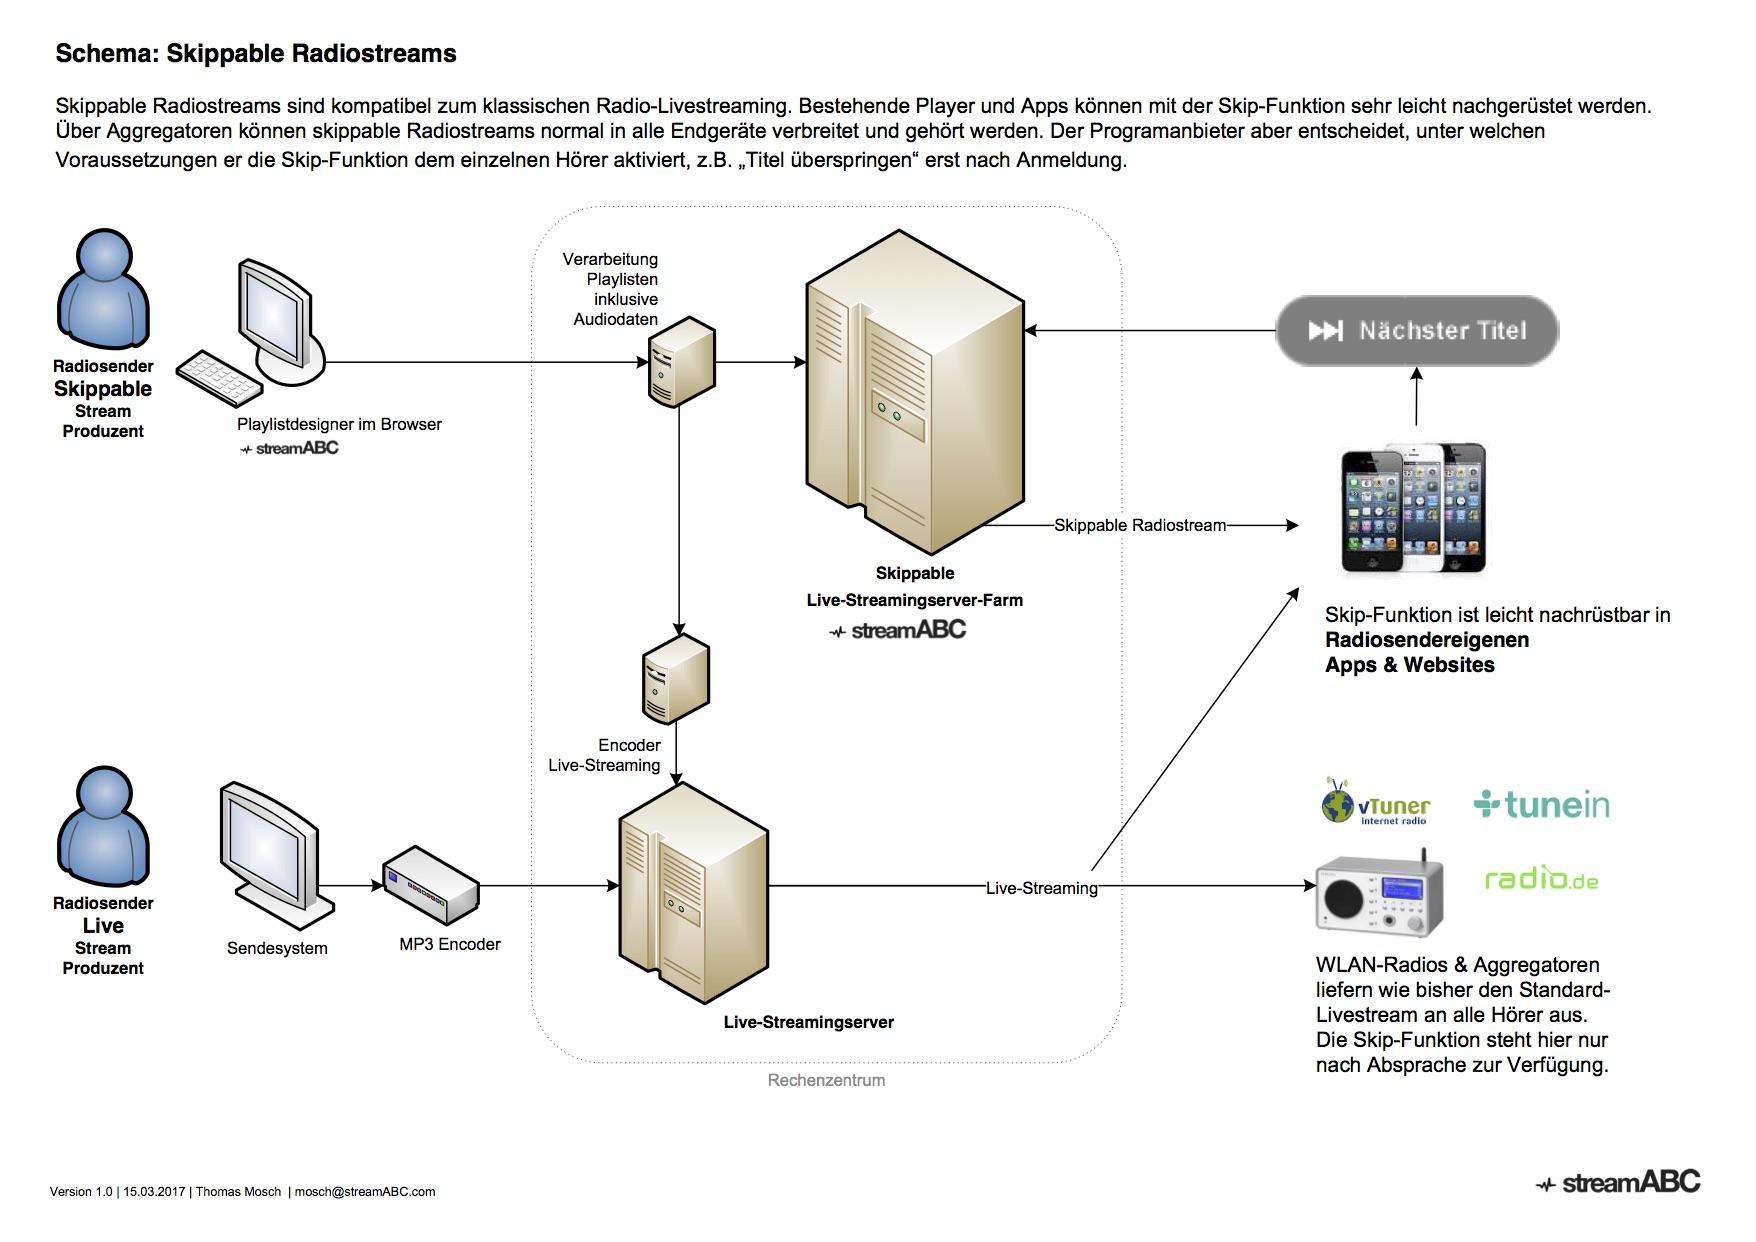 Schema der Produkte & Leistungen innerhalb der Skip-on-Radio-Streaminginfrastruktur